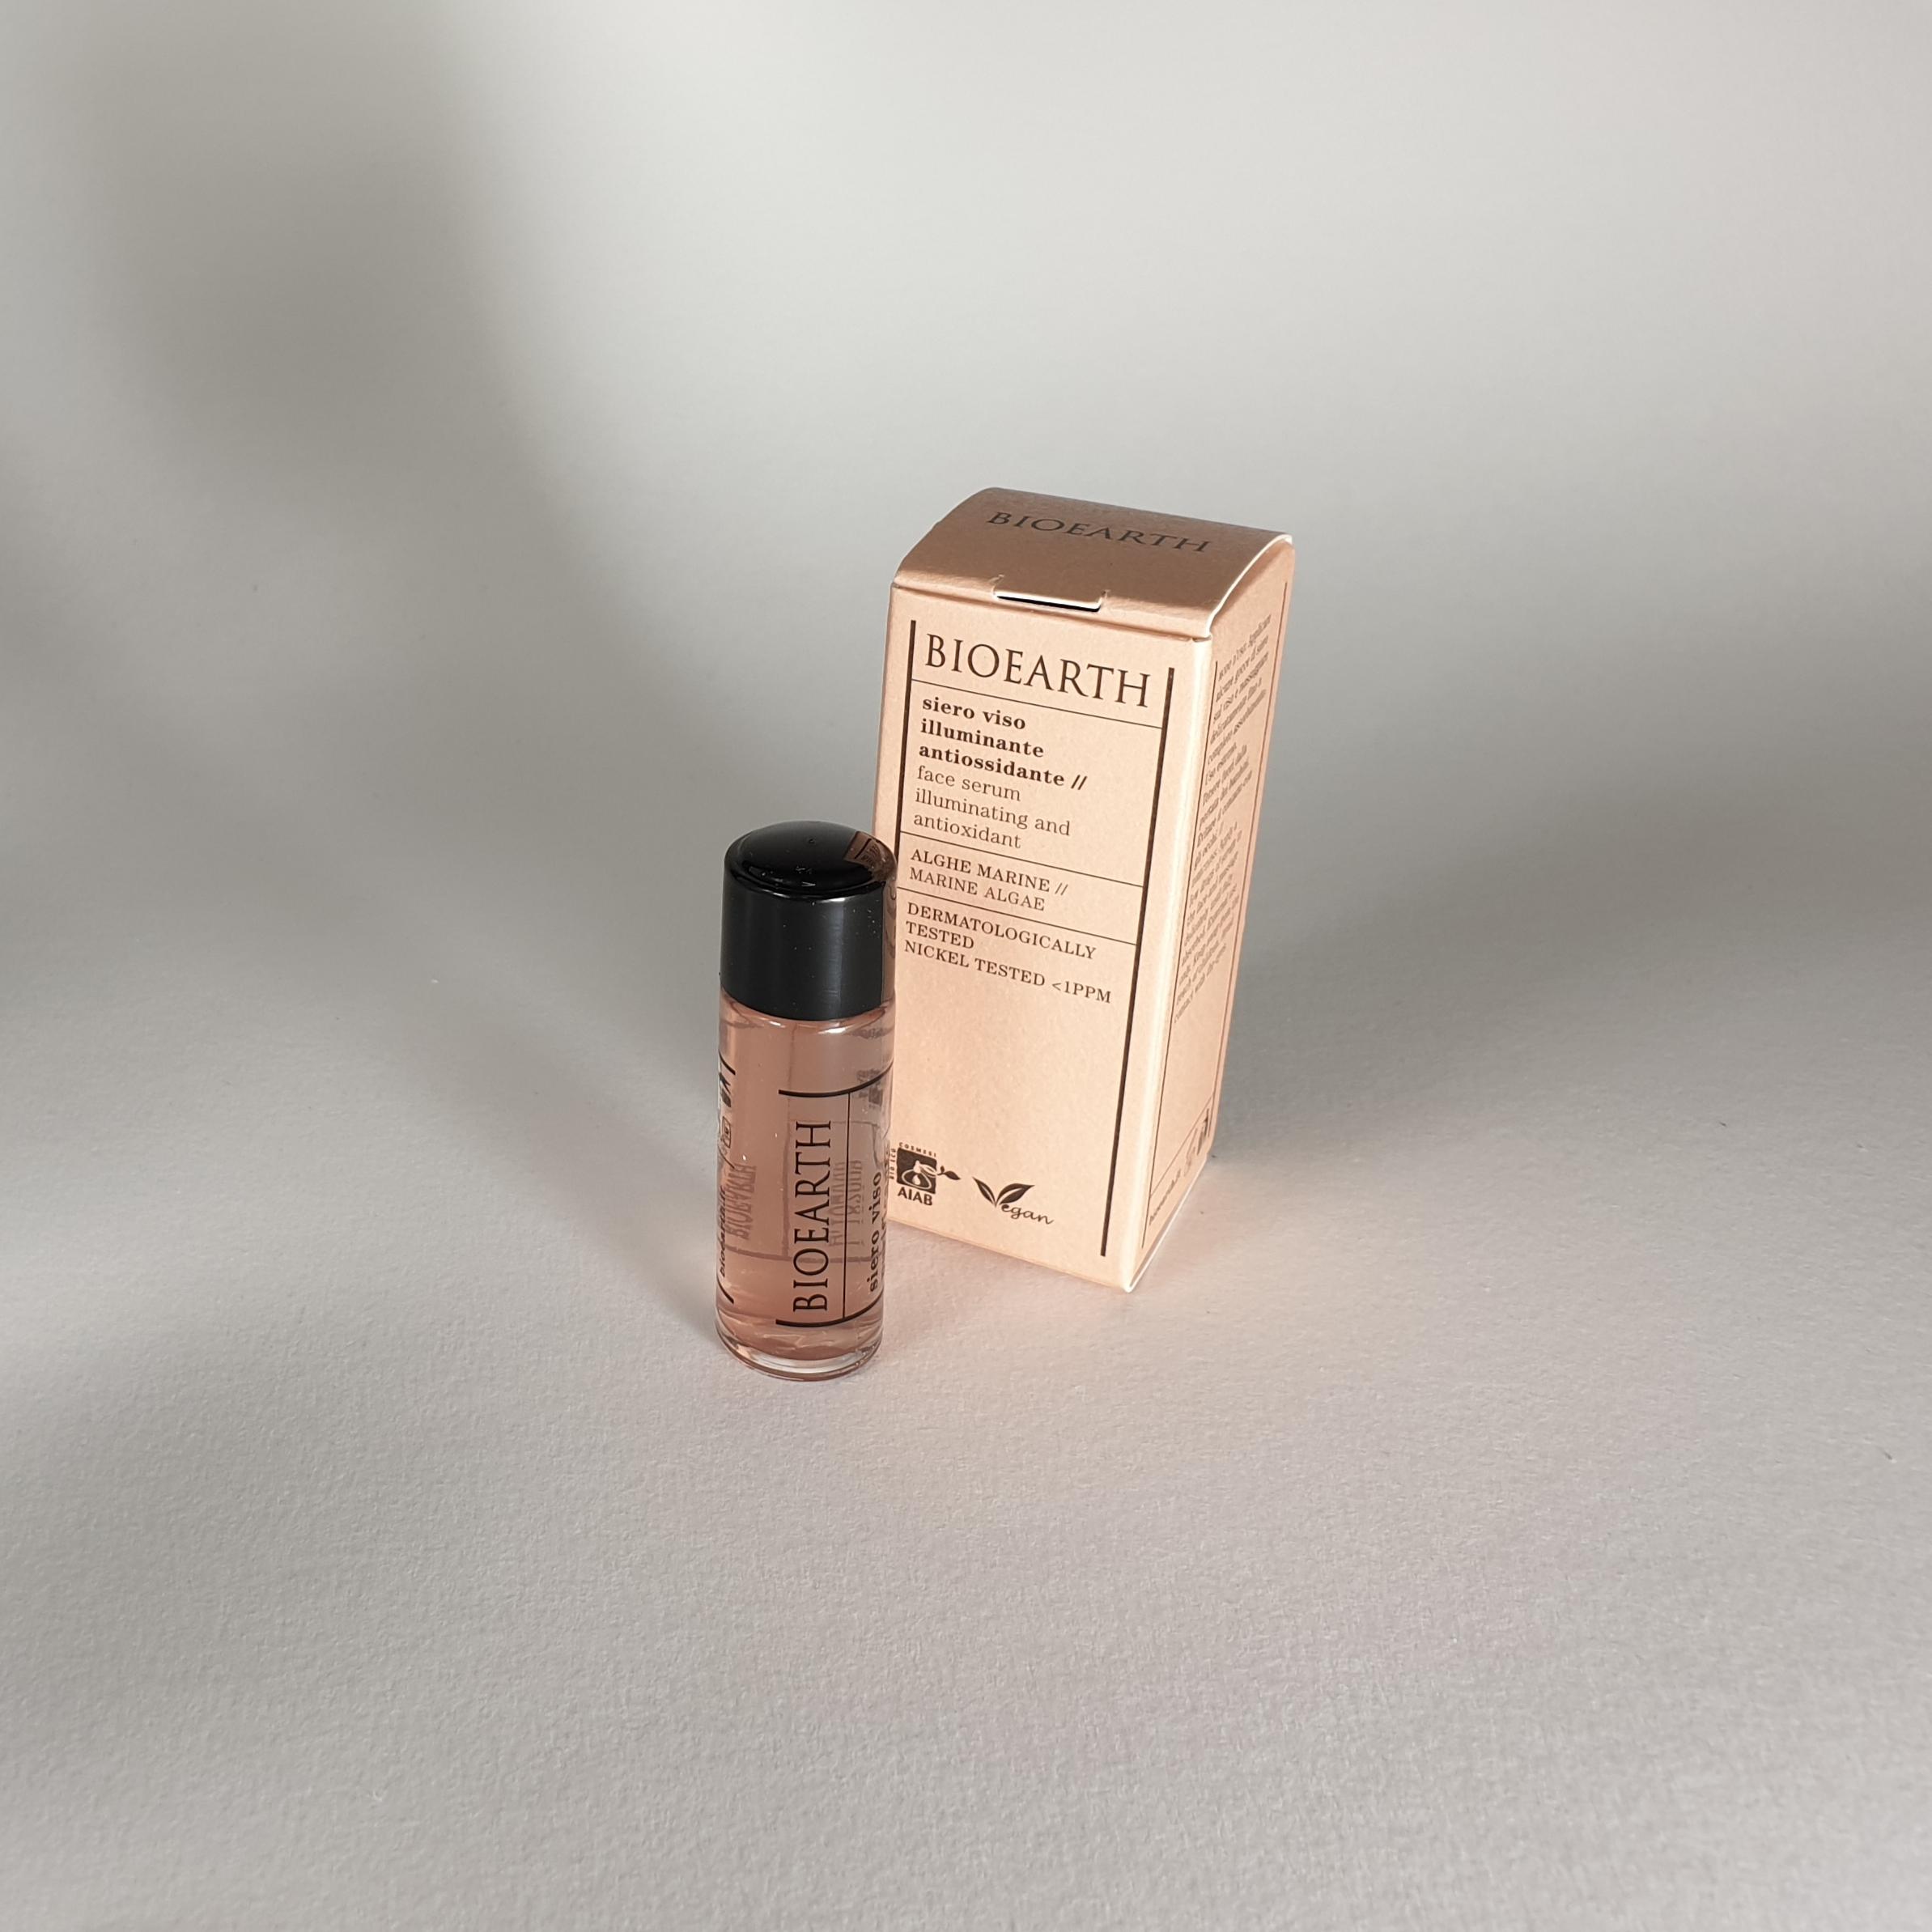 Siero viso illuminante antiossidante 5ml